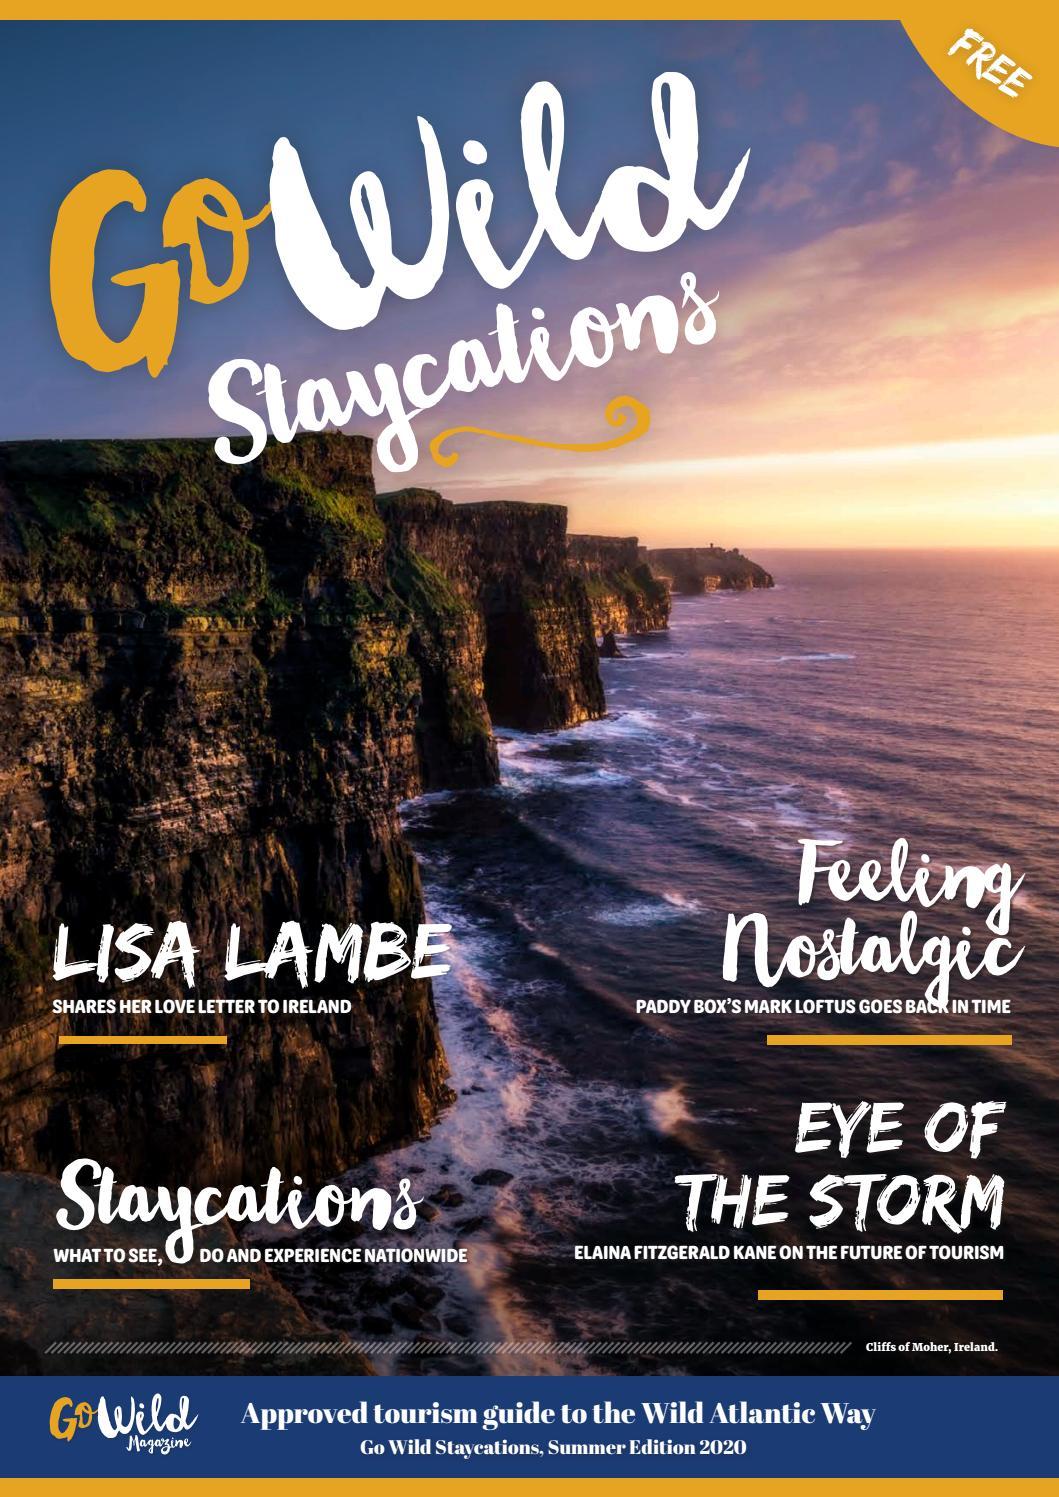 Go Wild Staycation 20 by Go wild magazine   issuu